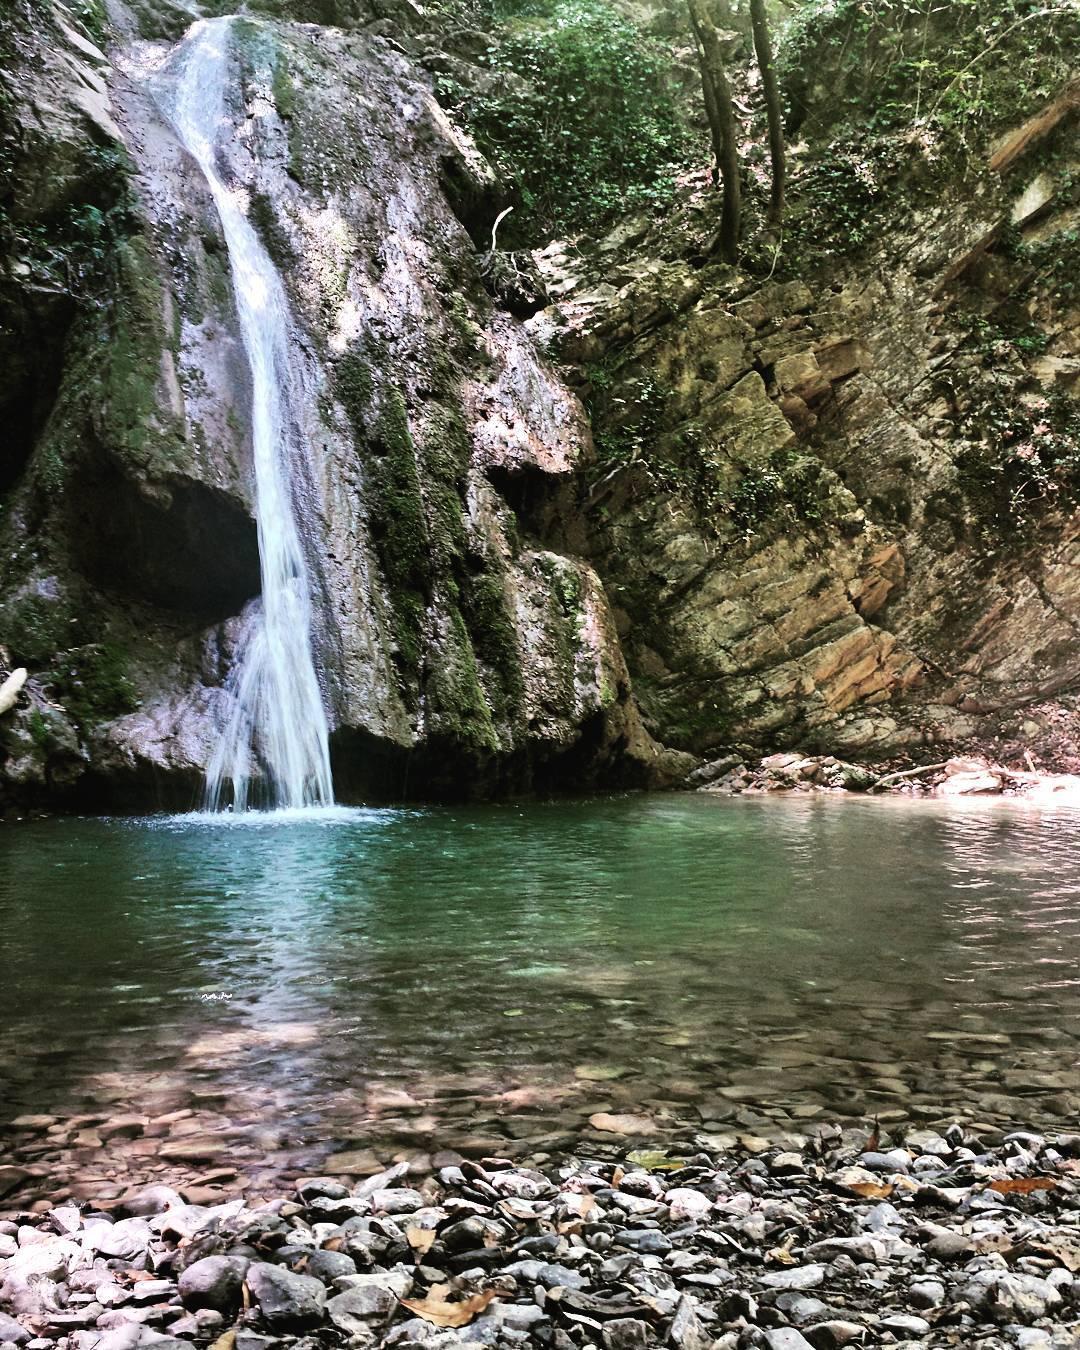 Cascate in toscana un viaggio nelle oasi diari di viaggio - Piscine rocciose ...